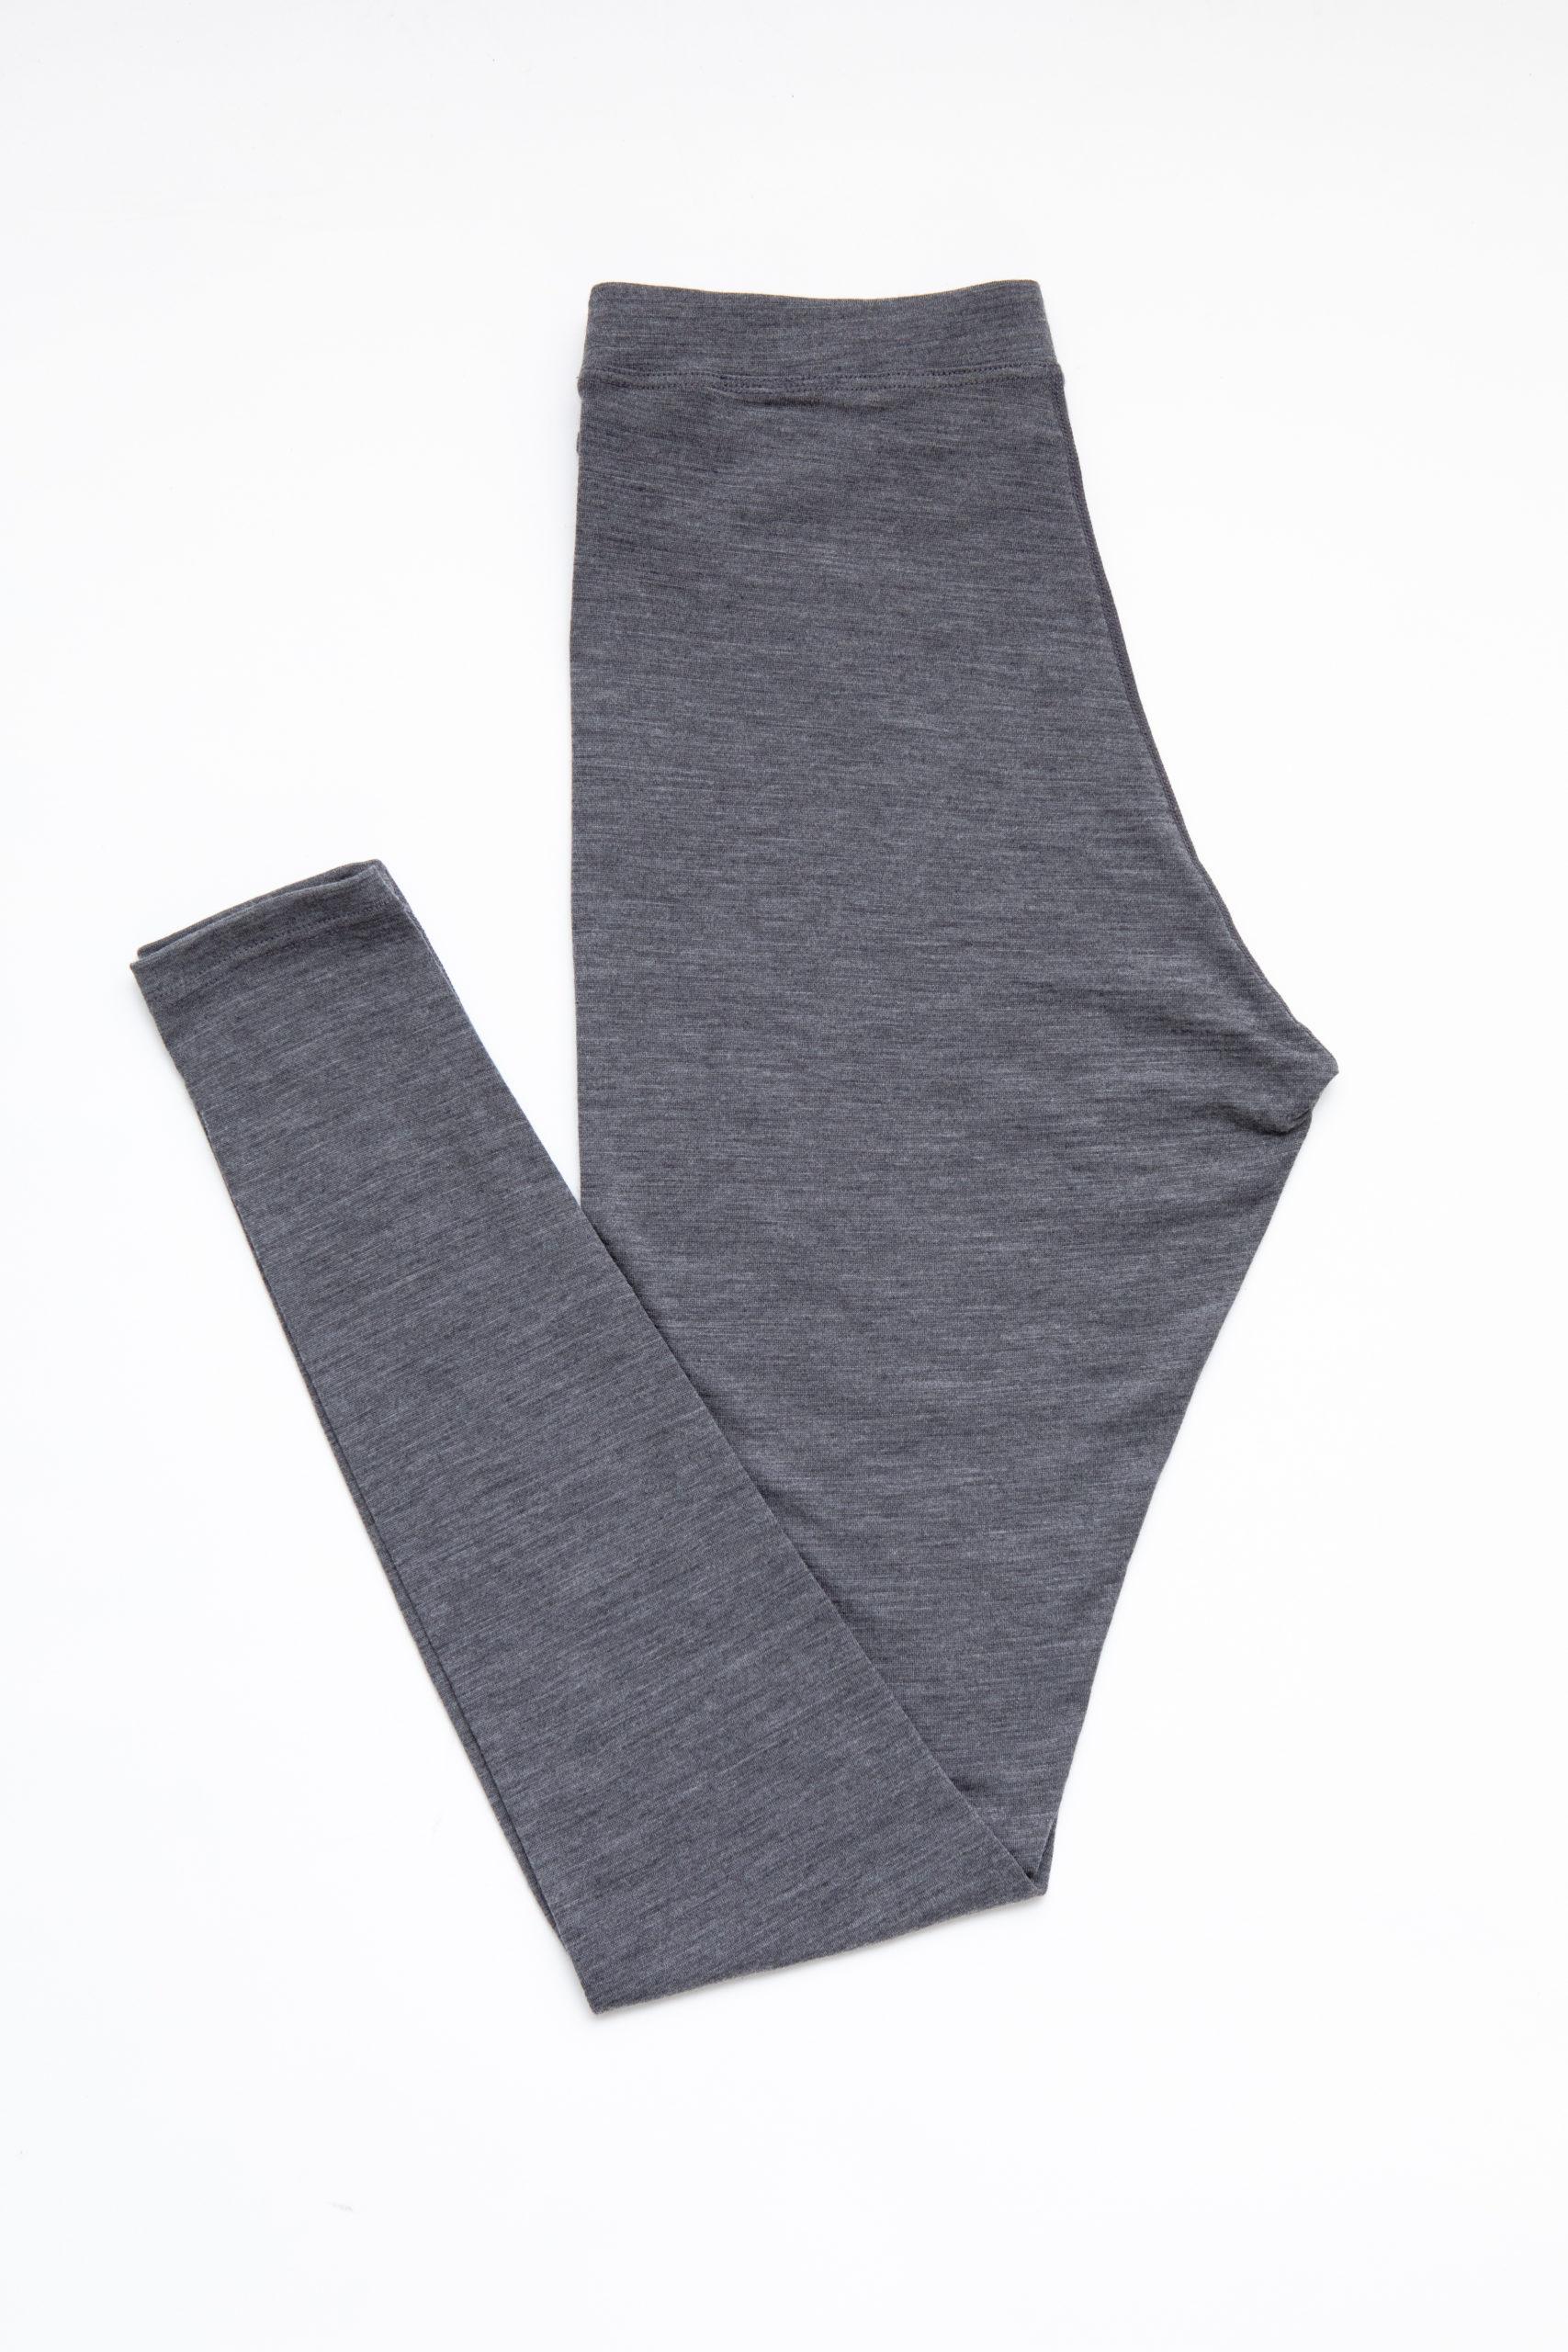 yarn y-534-17